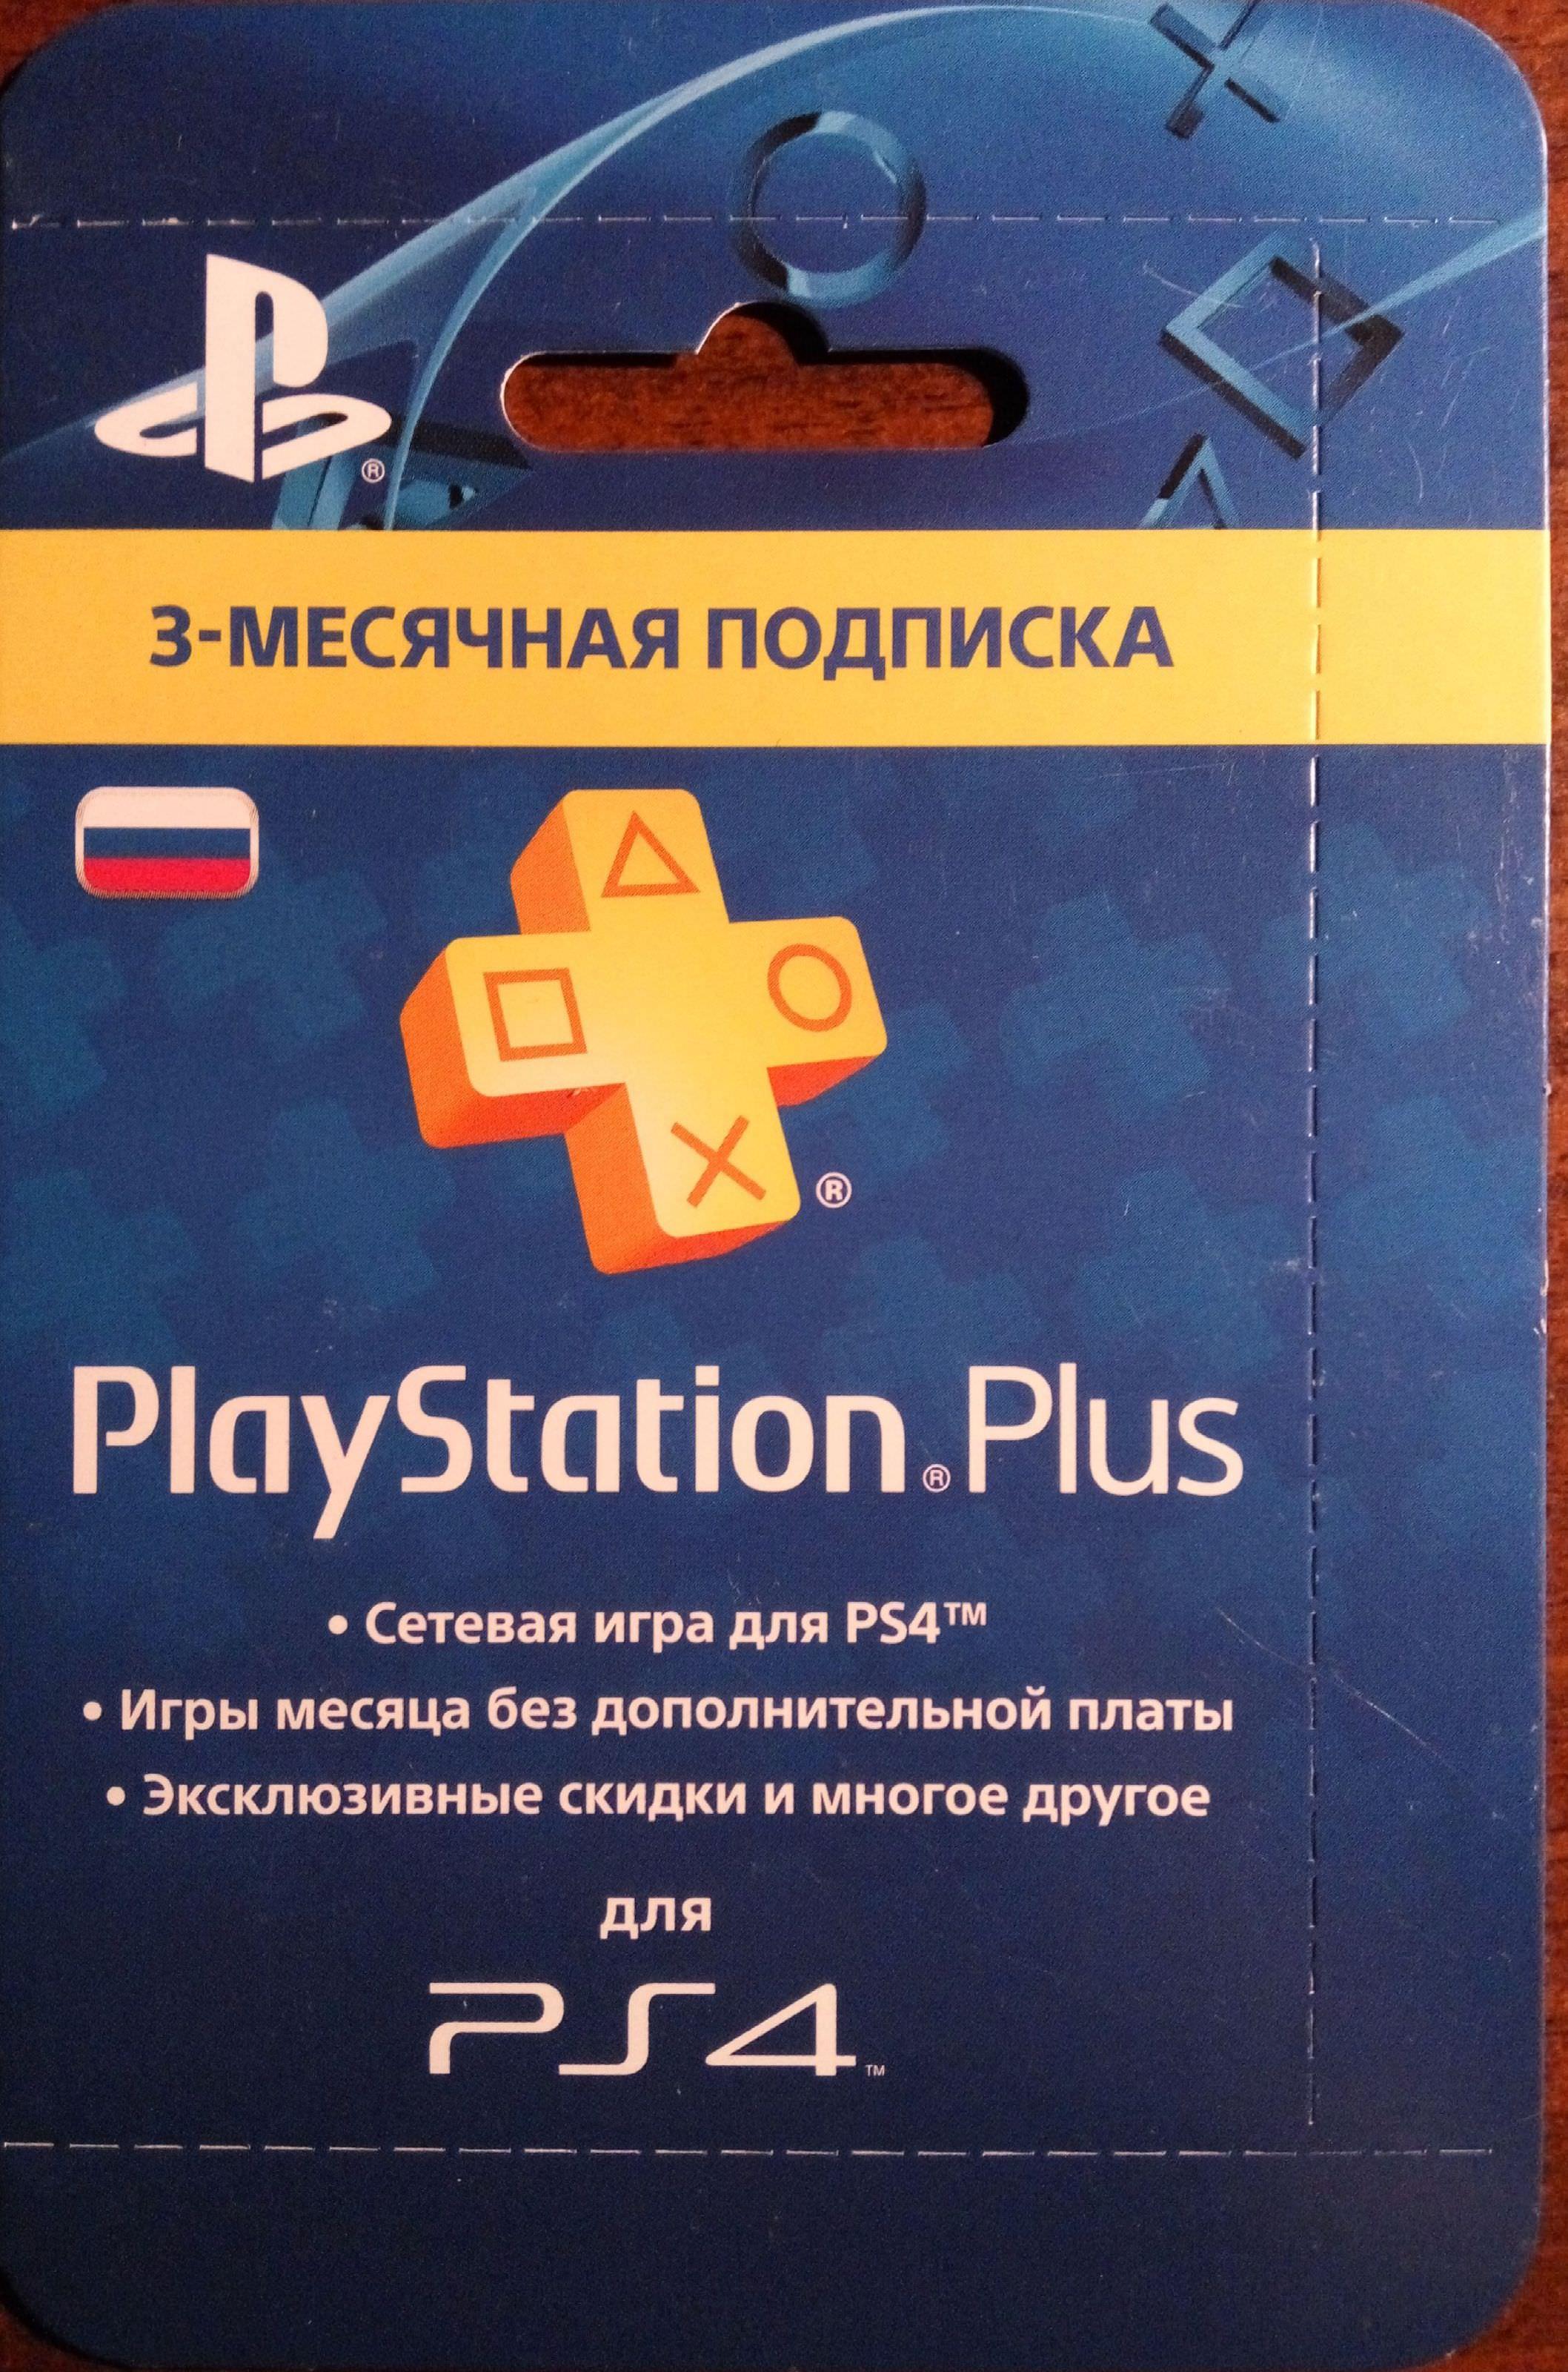 https://www.digiseller.ru/preview/146875/p1_2044120_f6dea911.jpg